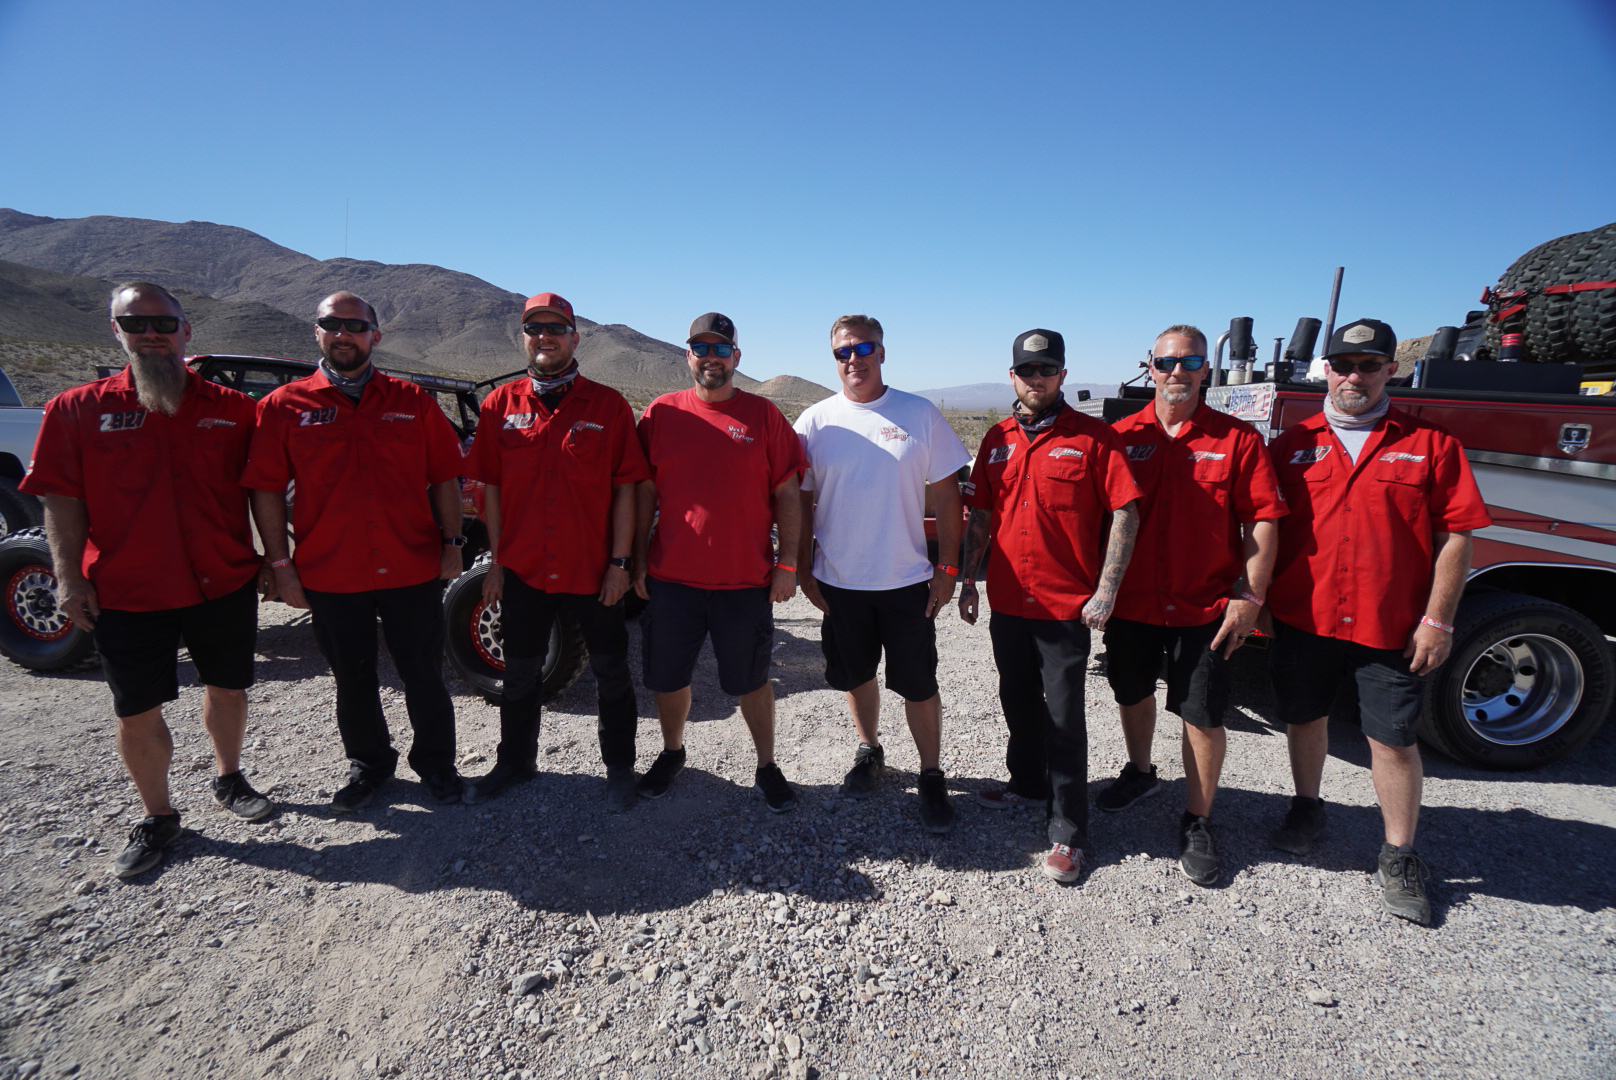 storr-race-team.jpg